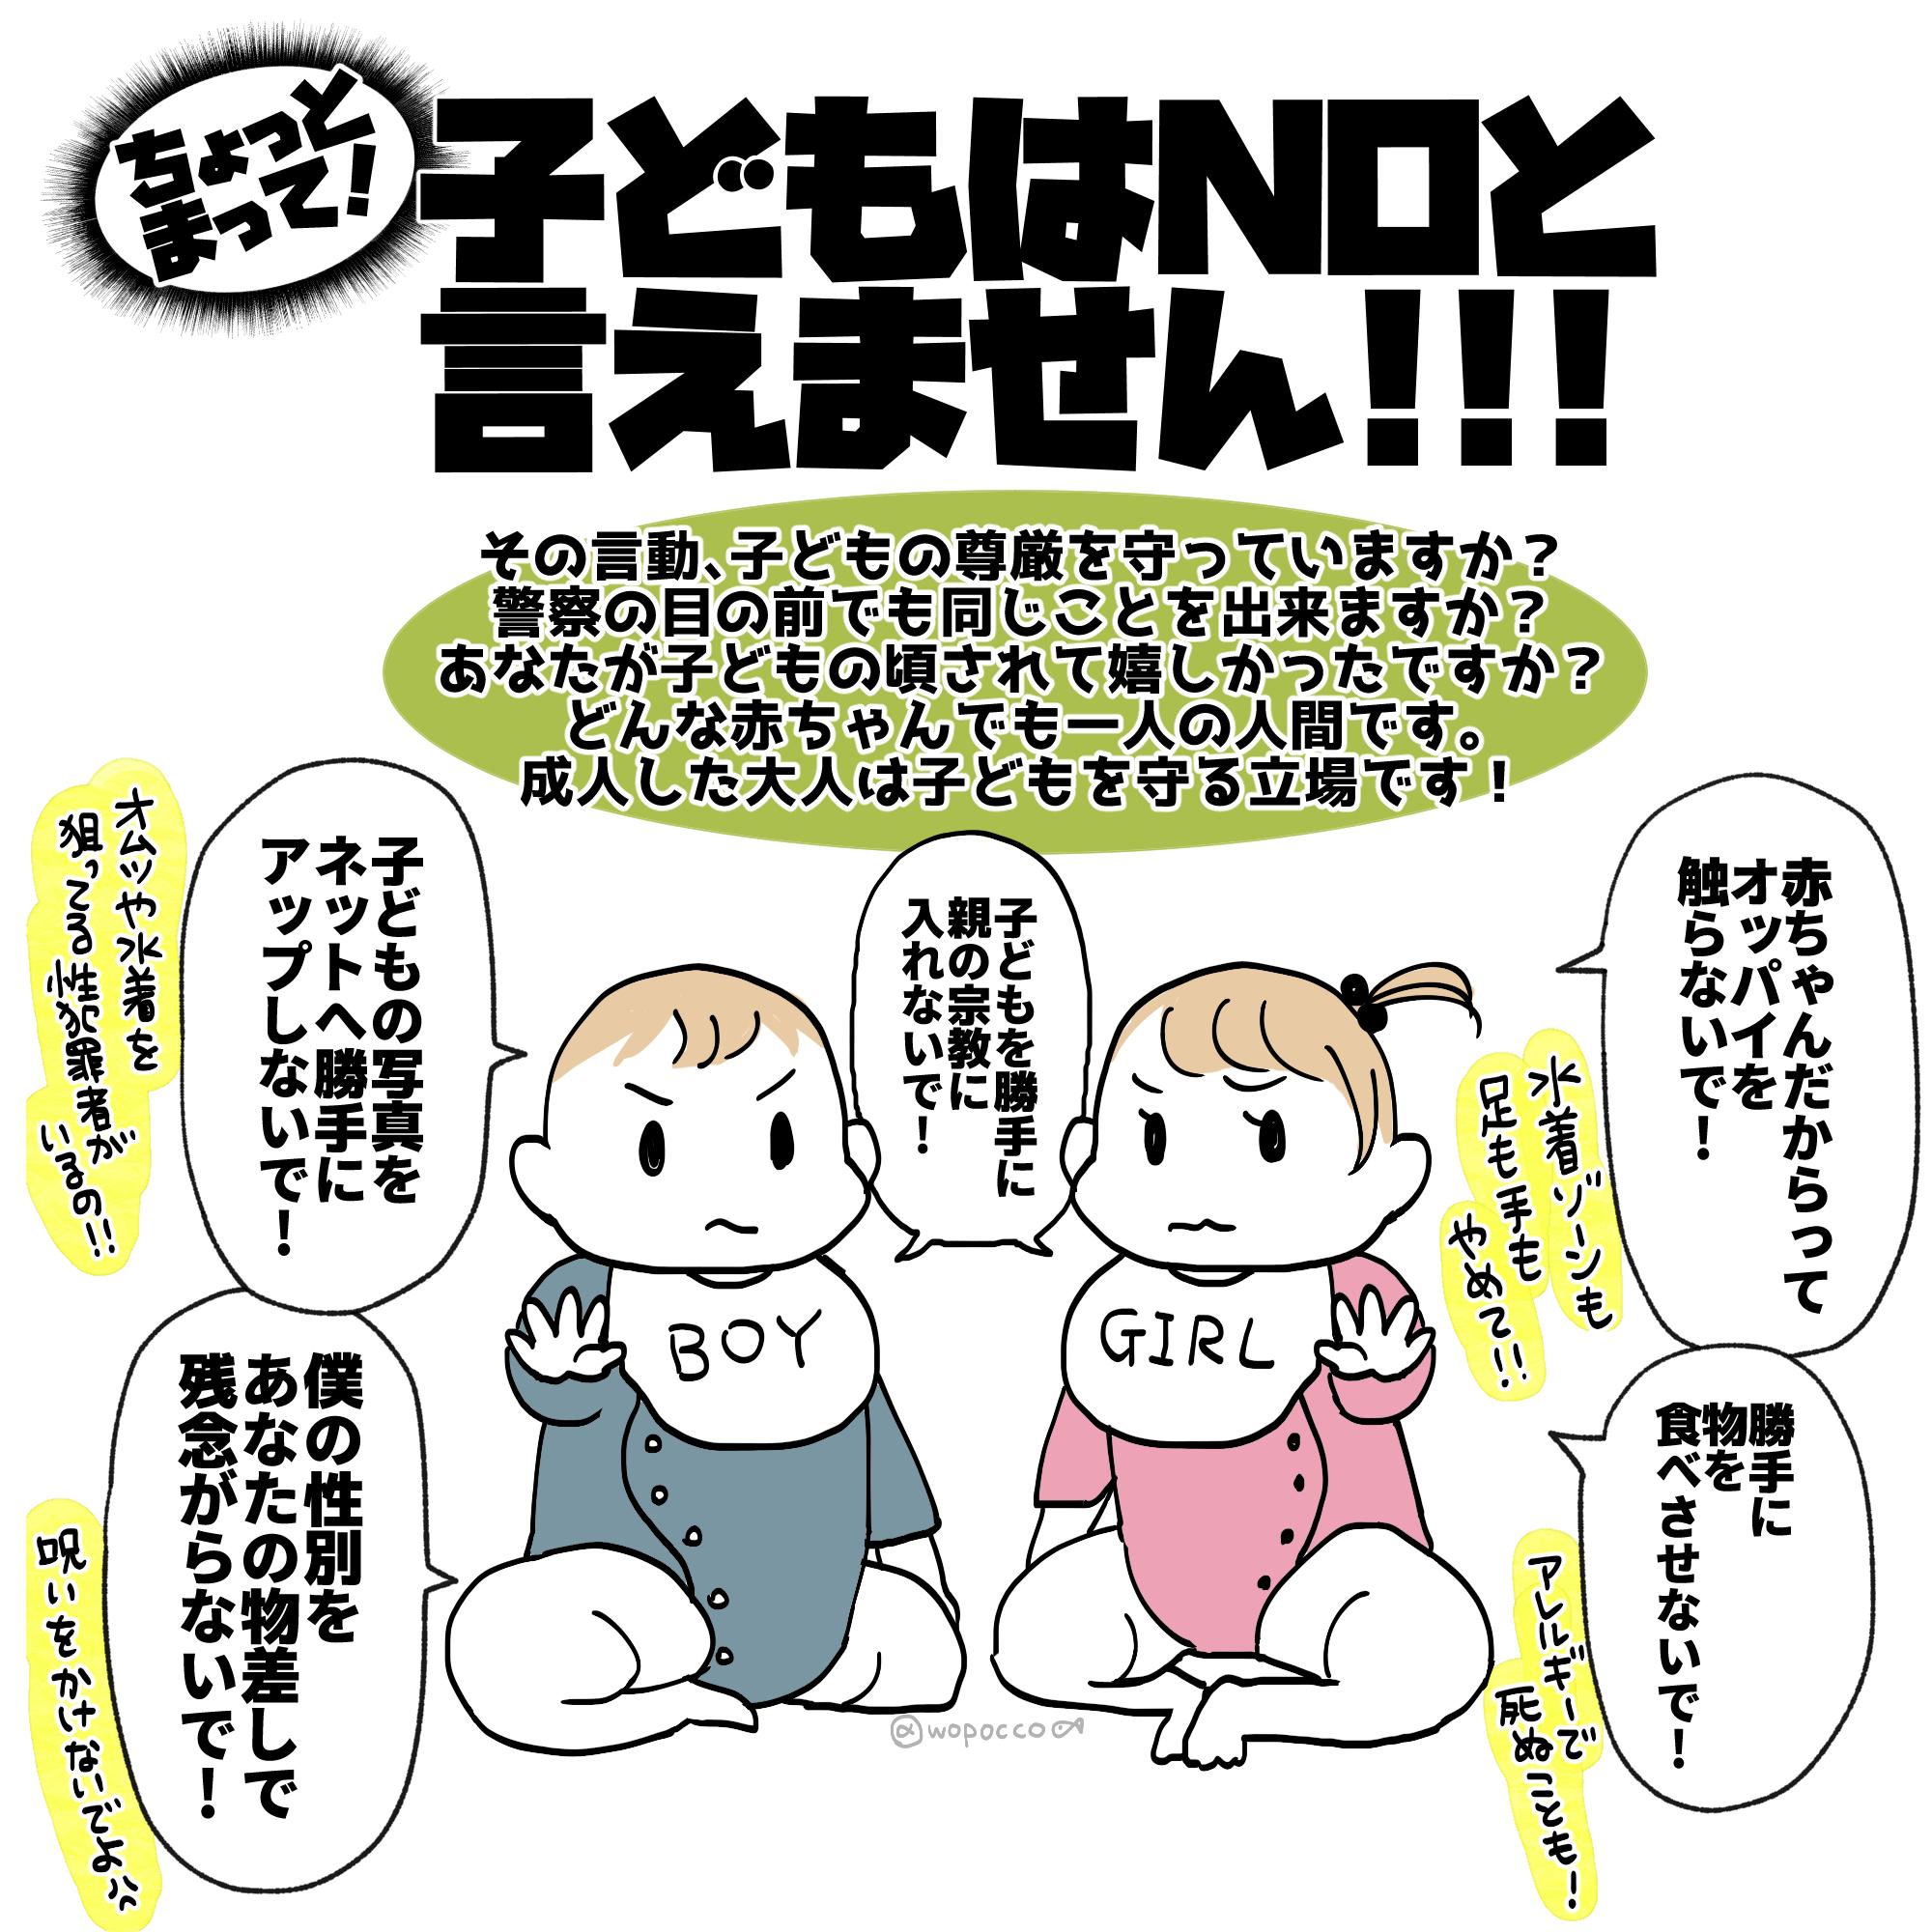 赤ちゃん人権ポスター